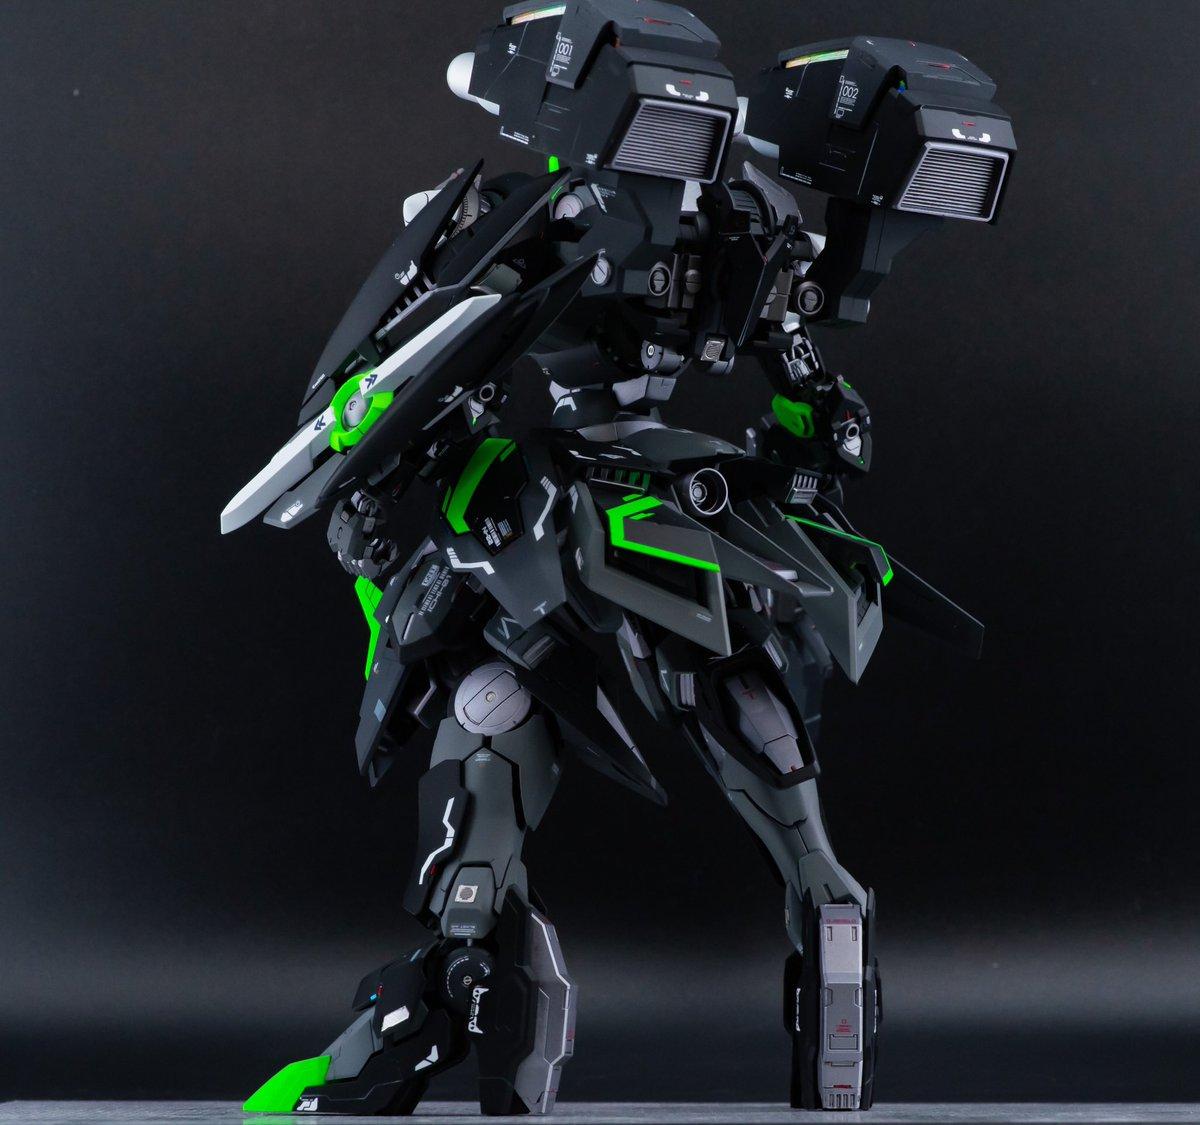 カラーリングは黒、グレーベースに差し色で蛍光グリーンを使用しています